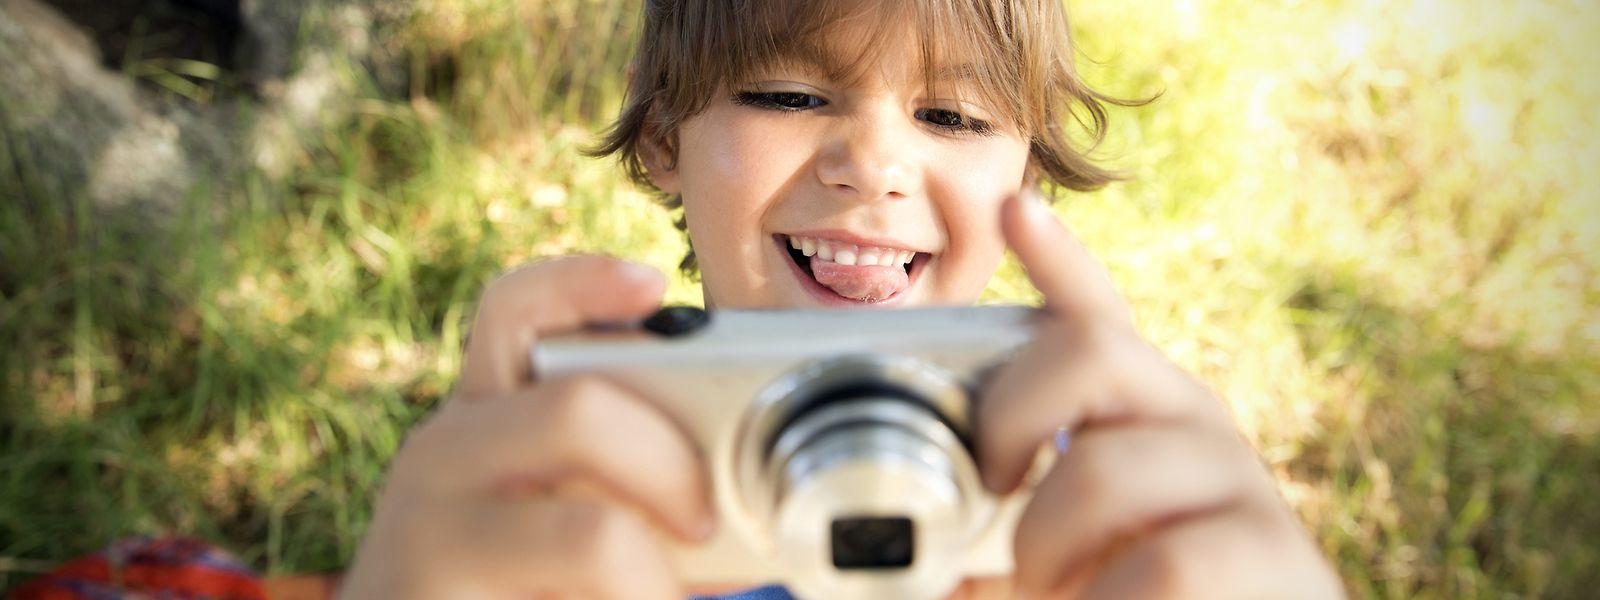 Eine ausrangierte oder günstige digitale Kompaktkamera ist ideal für Kids.